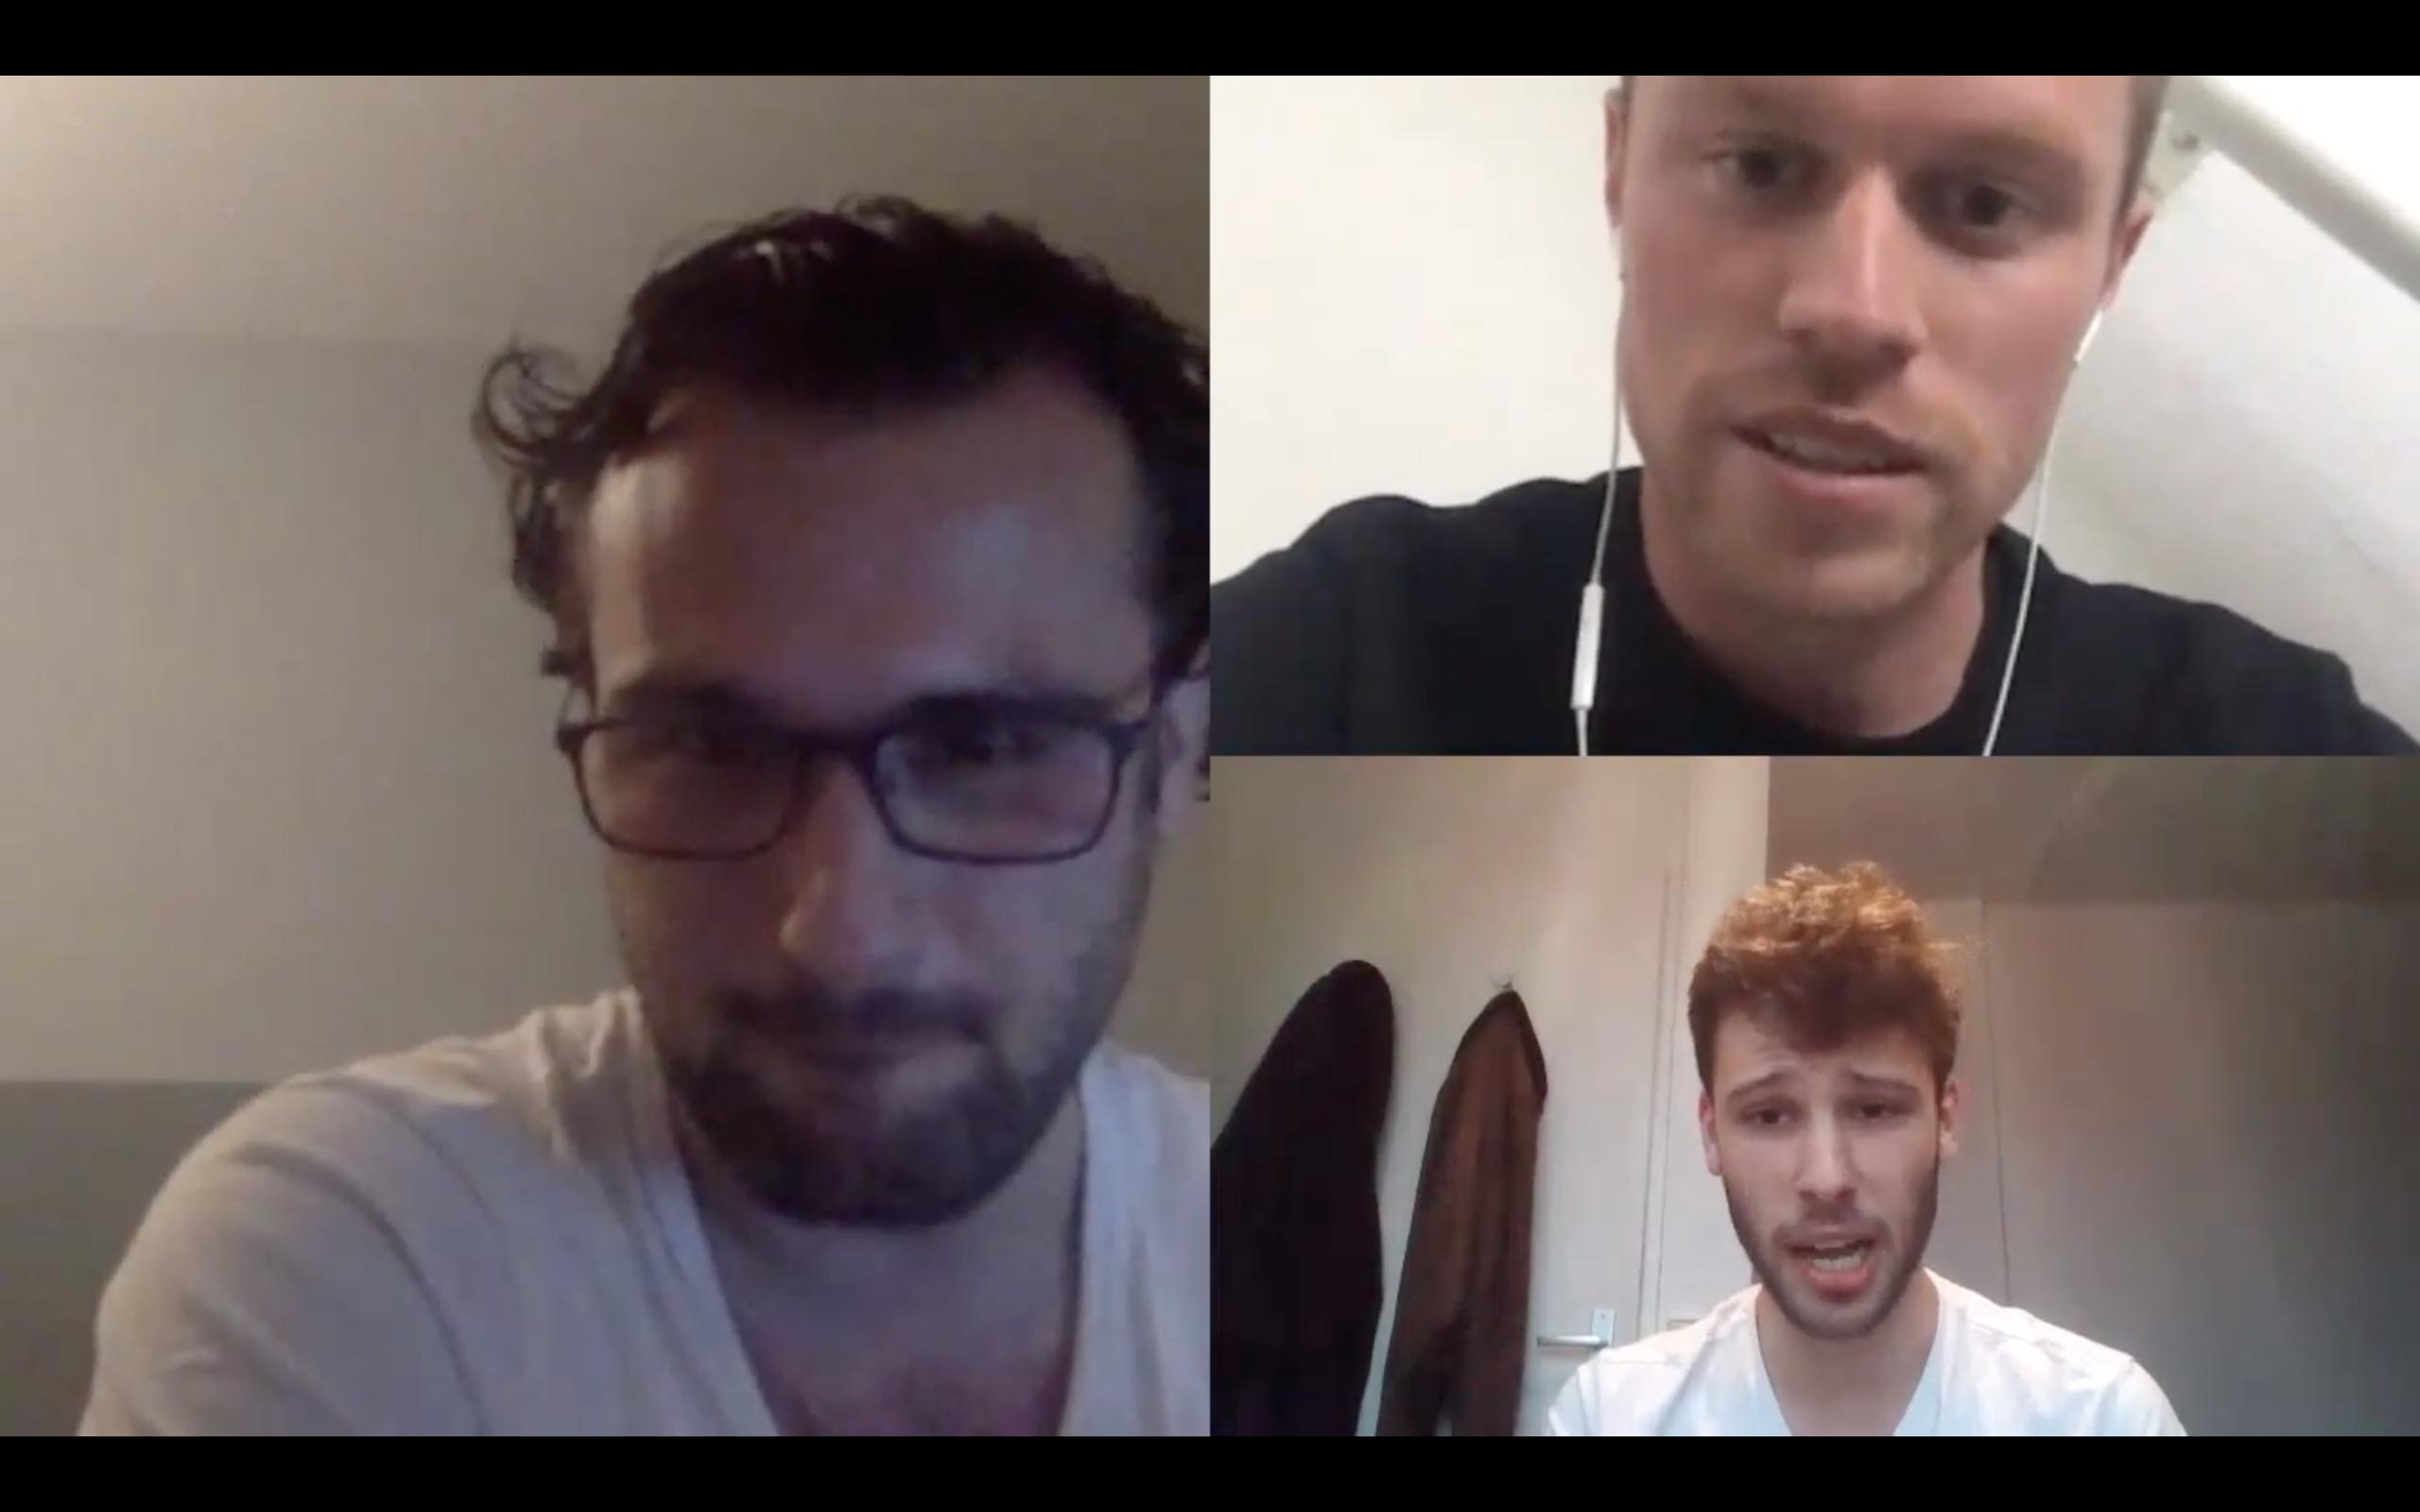 Sportbeleving Quiz 2: Mike Verhagen vs Luuk Mandemakers